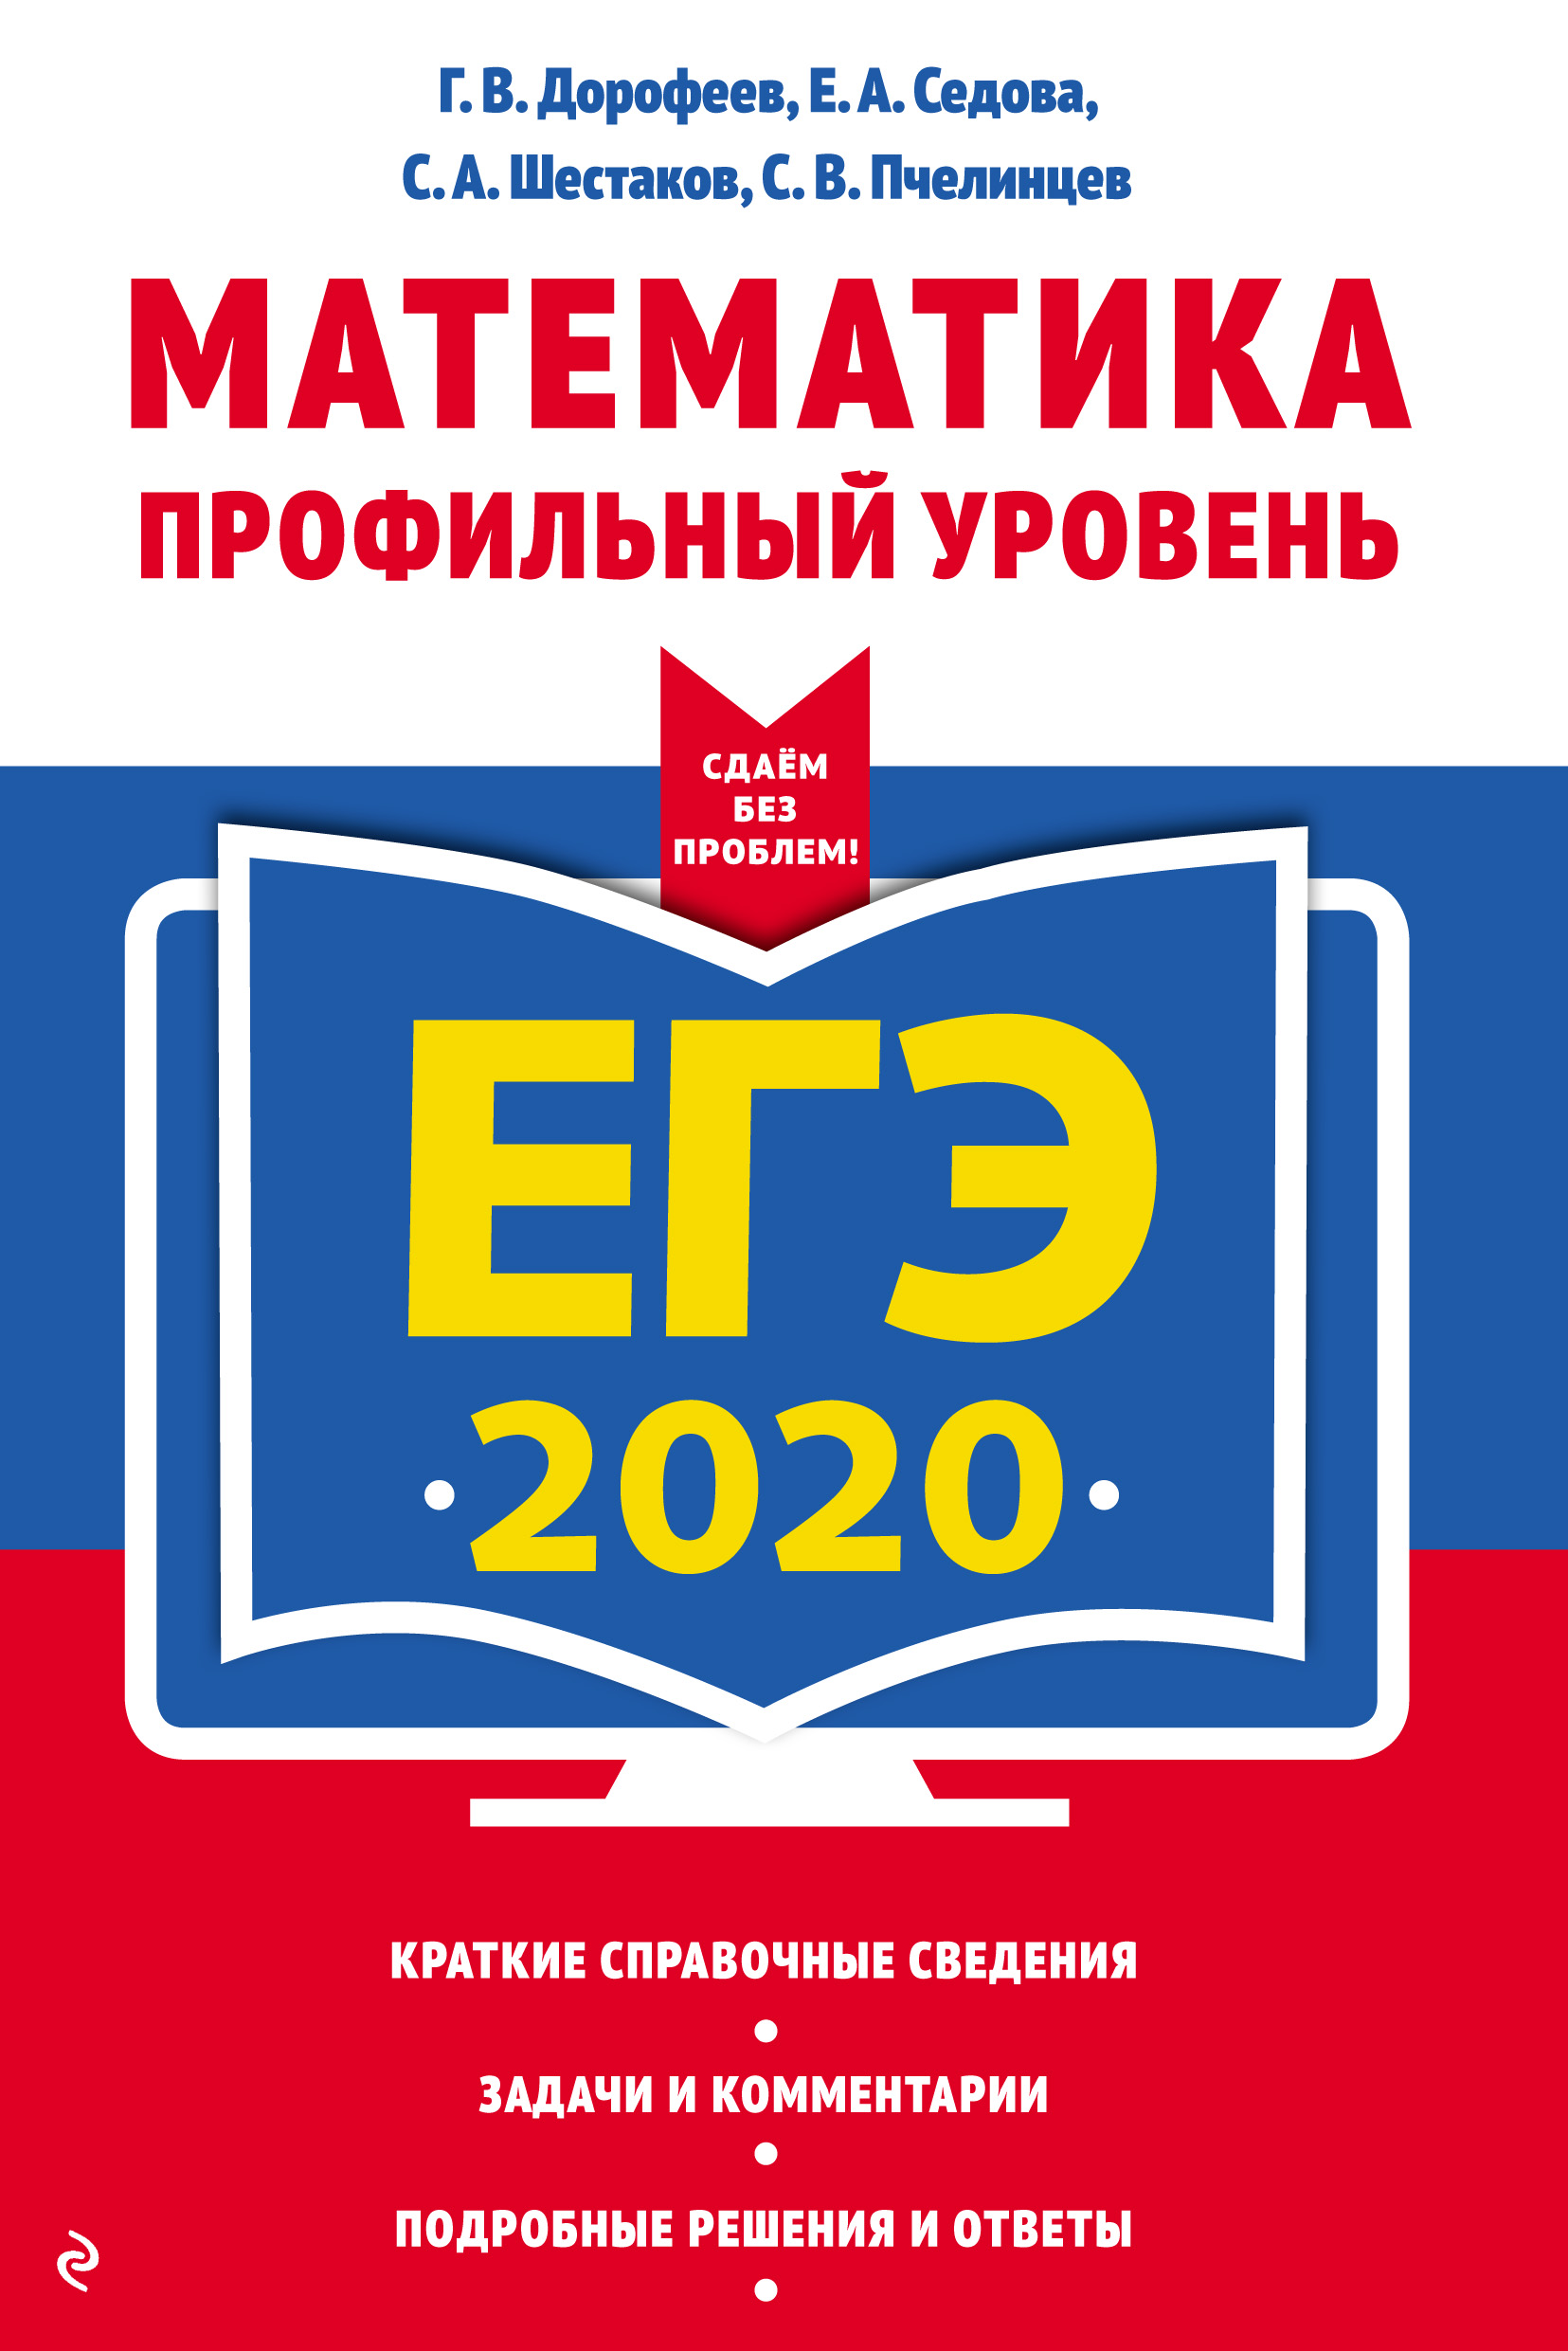 Е. А. Седова ЕГЭ-2020. Математика. Профильный уровень с а шестаков егэ 2019 математика задачи с экономическим содержанием задача 17 профильный уровень